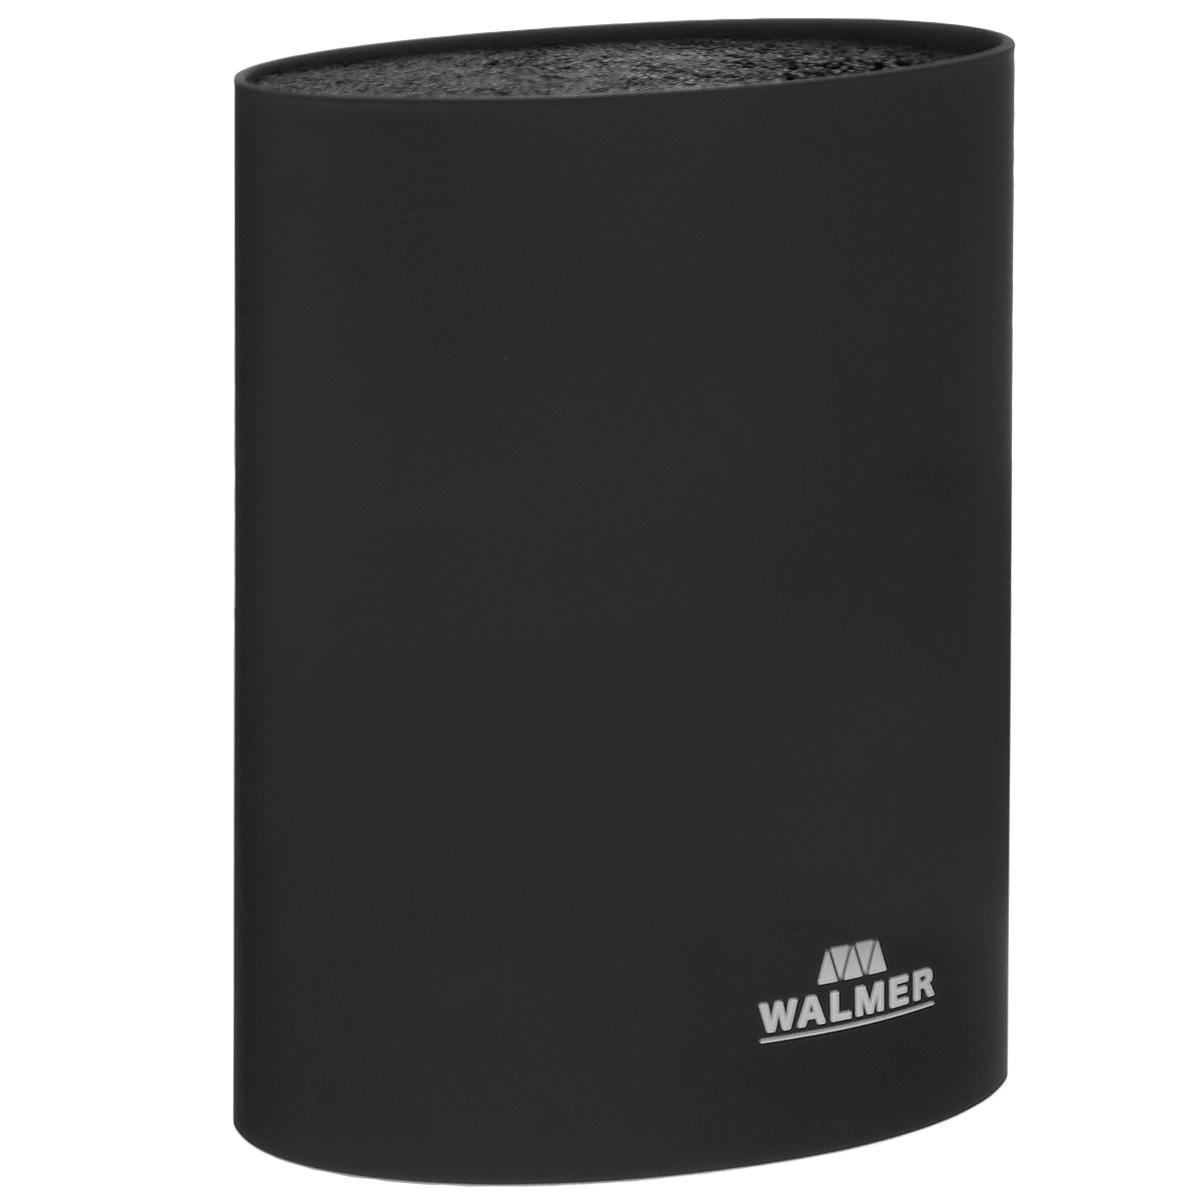 Подставка для ножей Walmer, овальная, цвет: черный, высота 22 смW080022201Подставка для ножей Walmer представляет собой емкость с гибкими пластиковыми стержнями внутри. Это позволяет хранить ножи любой формы, вне зависимости от их размеров или формы среза. Размещайте ножи в любом месте блока-подставки, просто воткнув их в нее. Вы также можете комбинировать ножи из разных наборов. Подставка сохранит остроту ножей за счет того, что ножи не царапаются об нее. Эта легкая, безопасная и удобная подставка послужит прекрасным подарком. Можно мыть в посудомоечной машине. Размер подставки: 16 см х 7 см х 22 см.